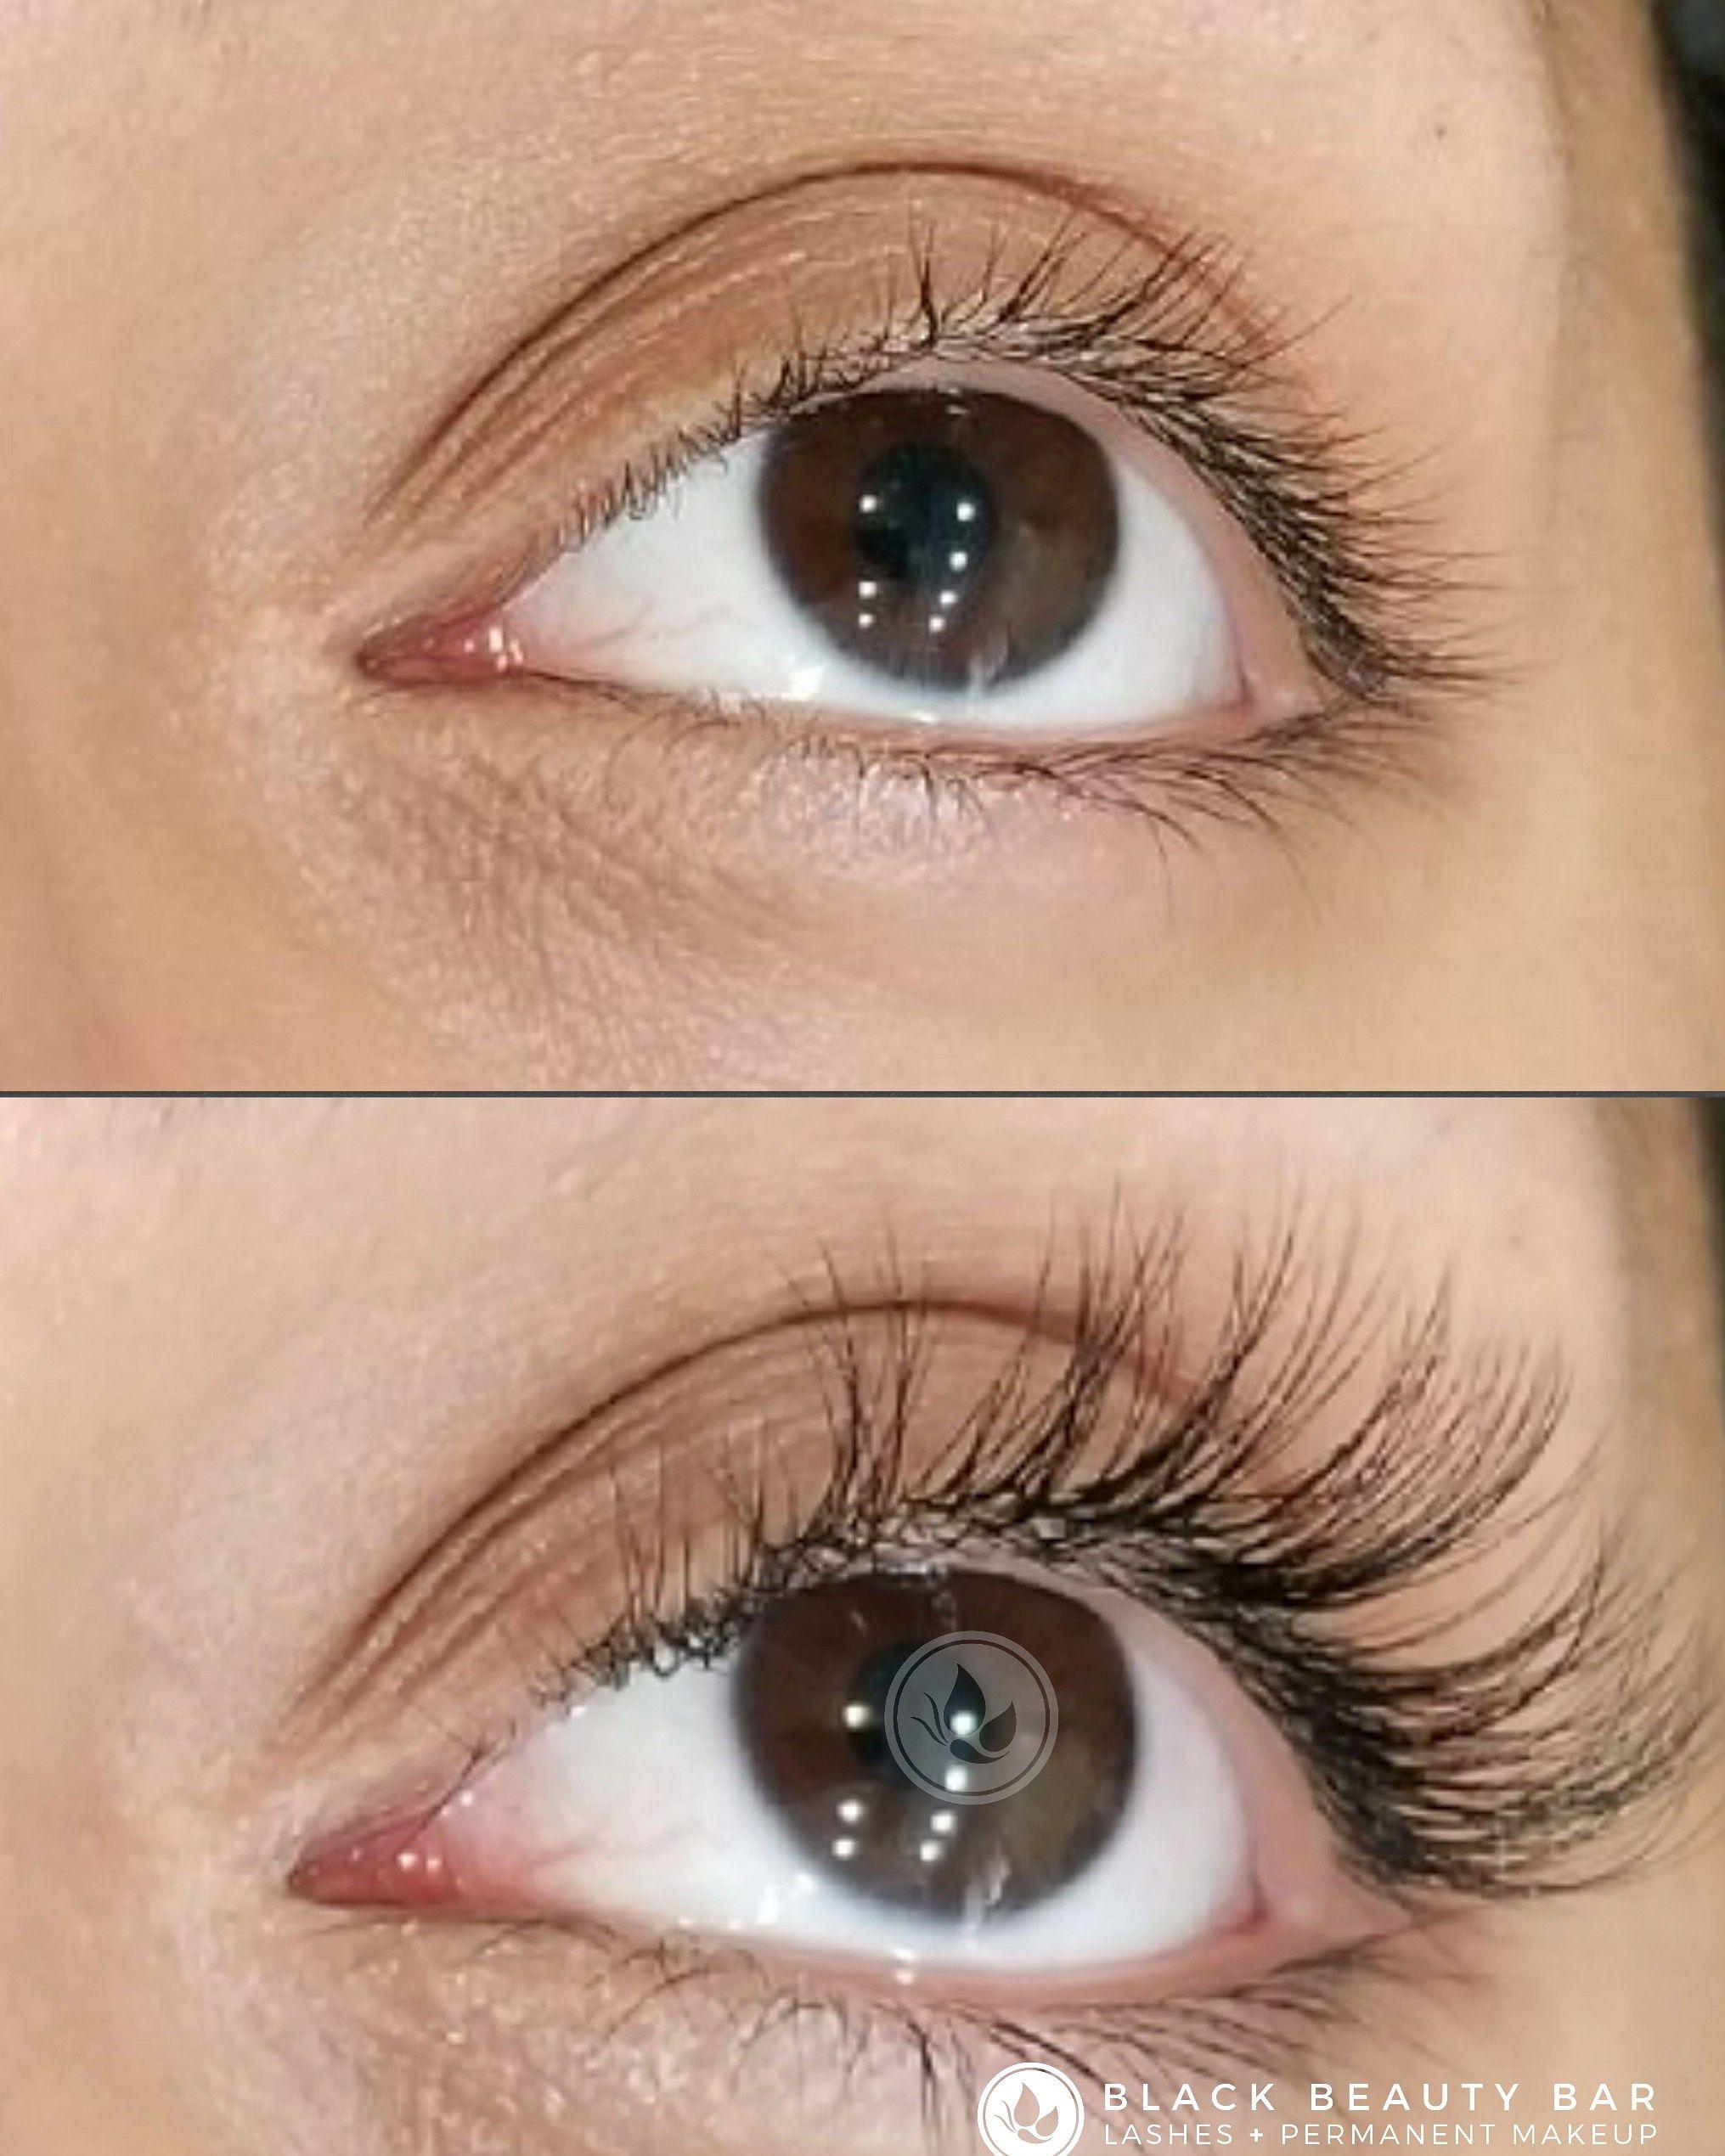 Pin by Mia's Lash Lab on Eyelash extensions | Eyelash ...